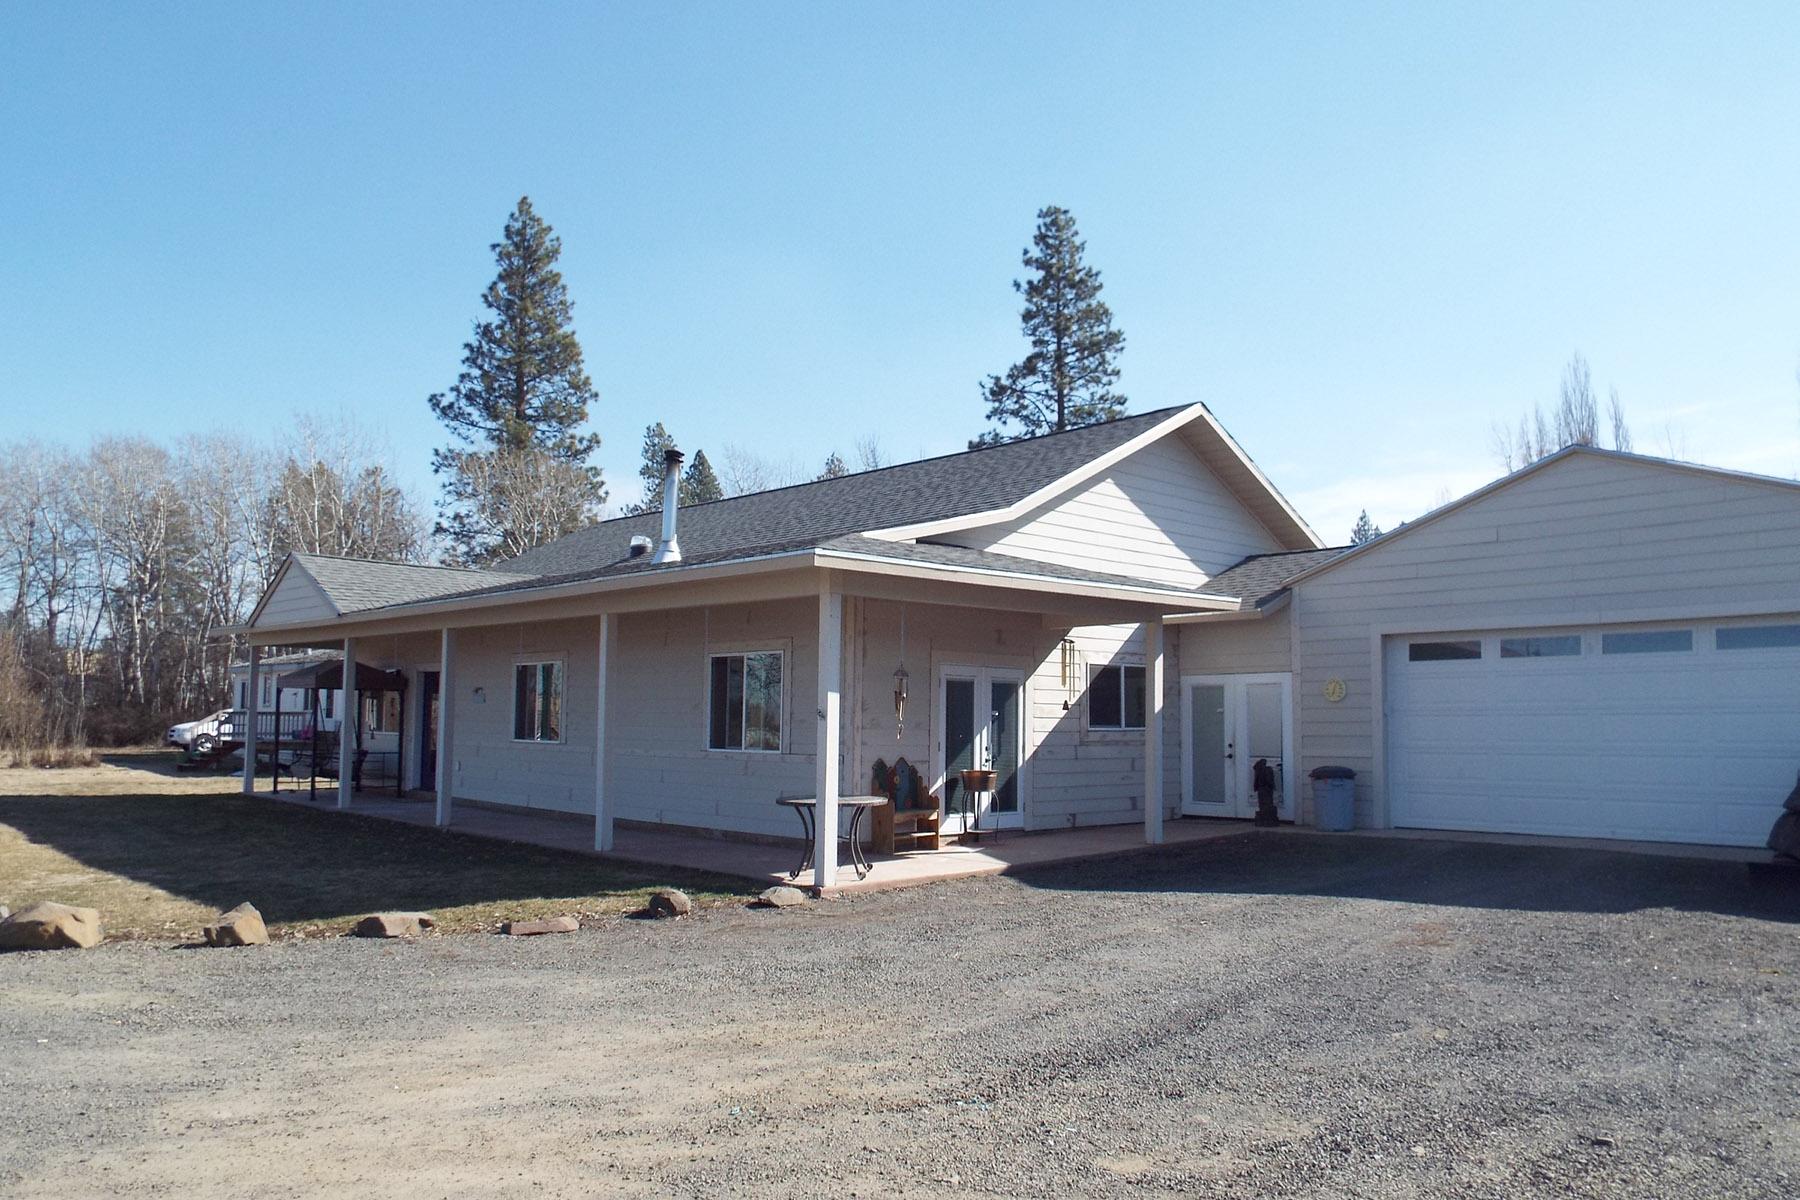 独户住宅 为 销售 在 Wonderful family home 1325 A Street Plummer, 爱达荷州 83851 美国